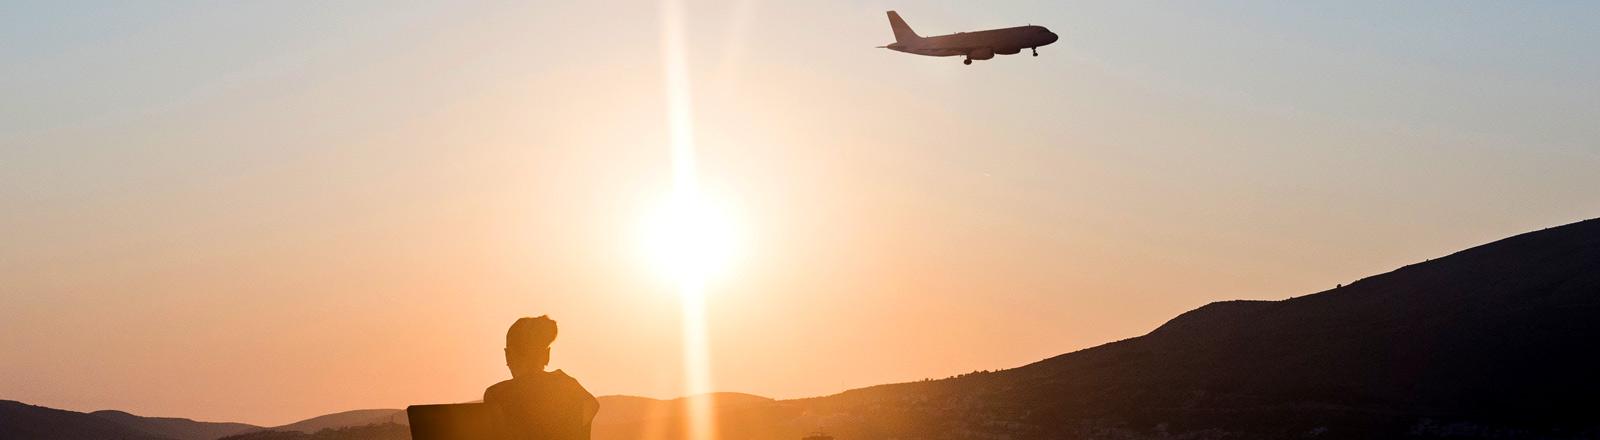 Eine Frau sitzt mit Laptop am Strand im Hintergrund ein Flugzeug.